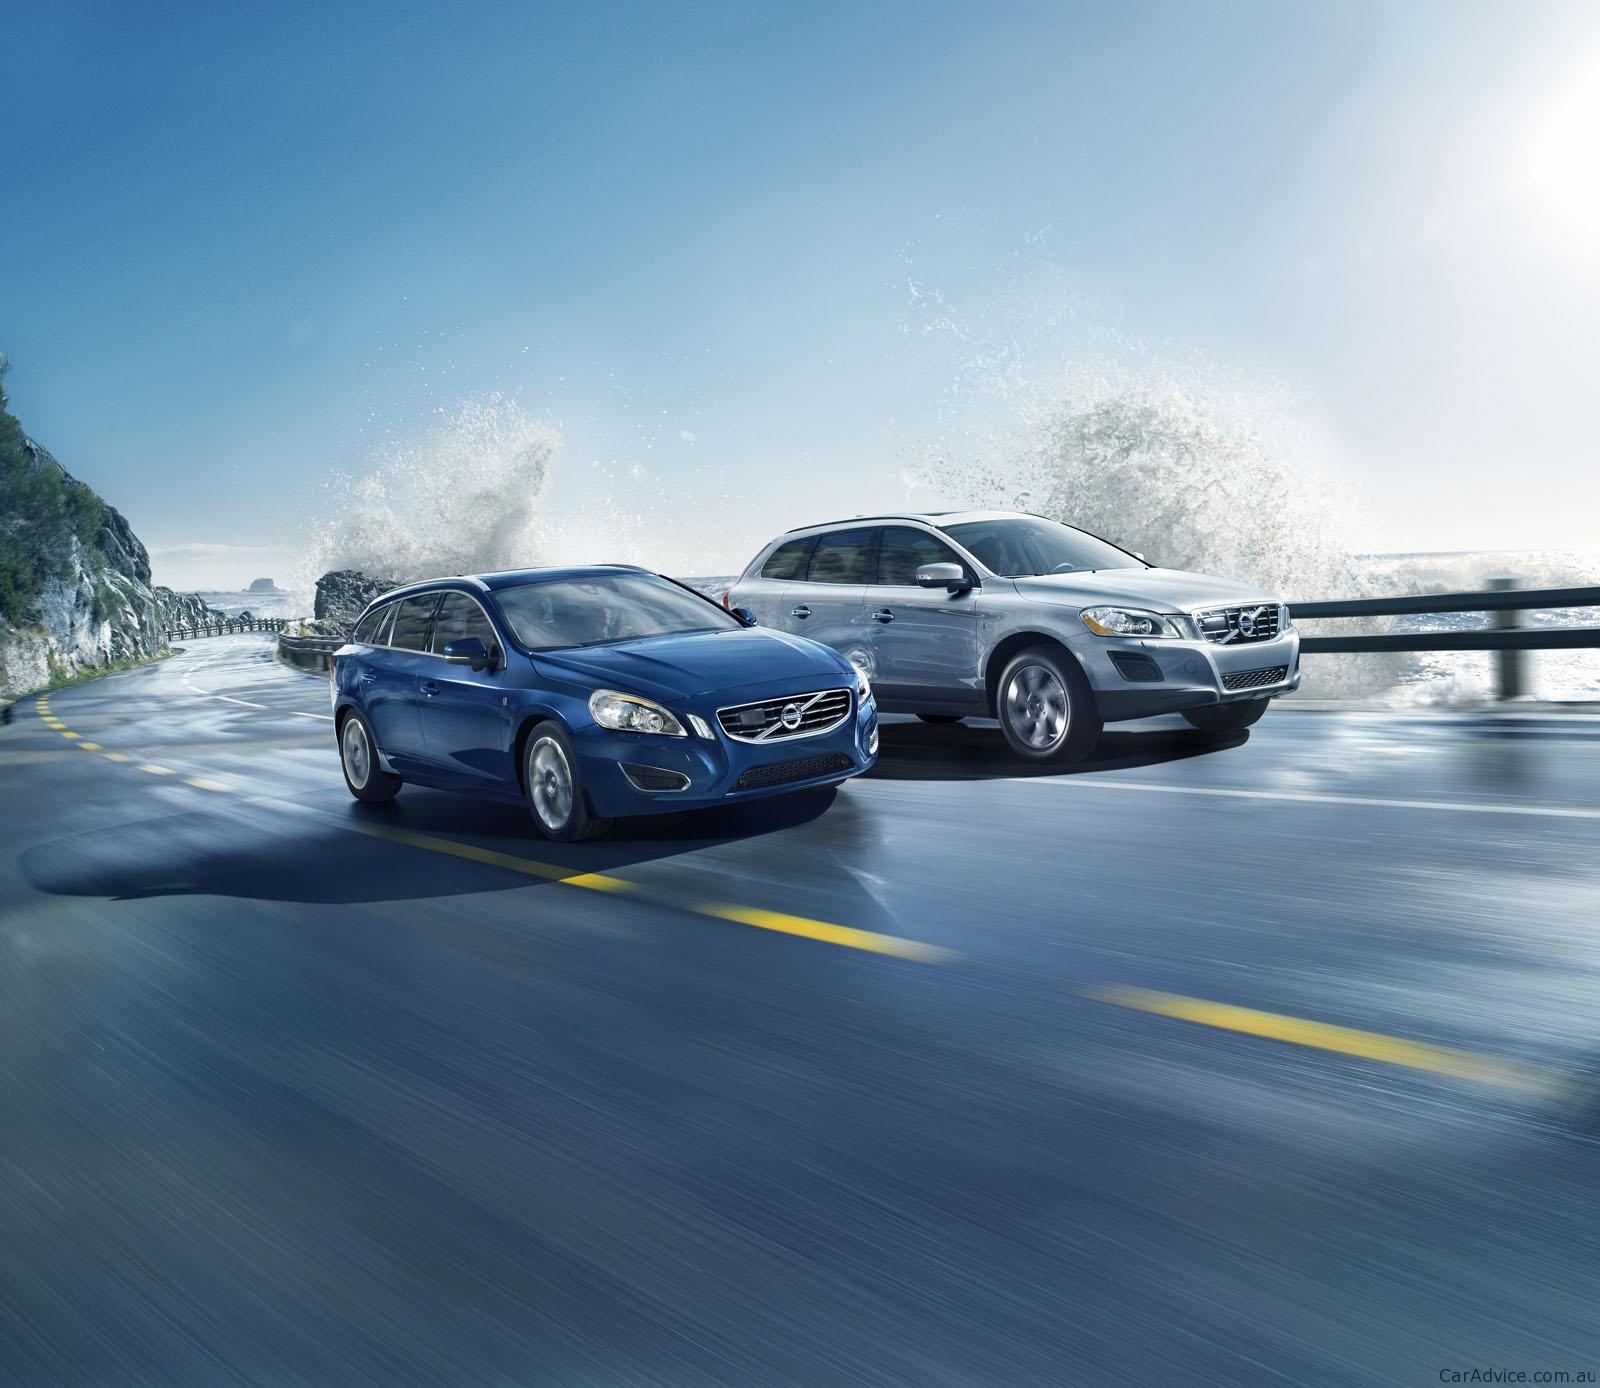 Volvo Car Wallpaper: 2011 Volvo Ocean Race Range Launched Overseas